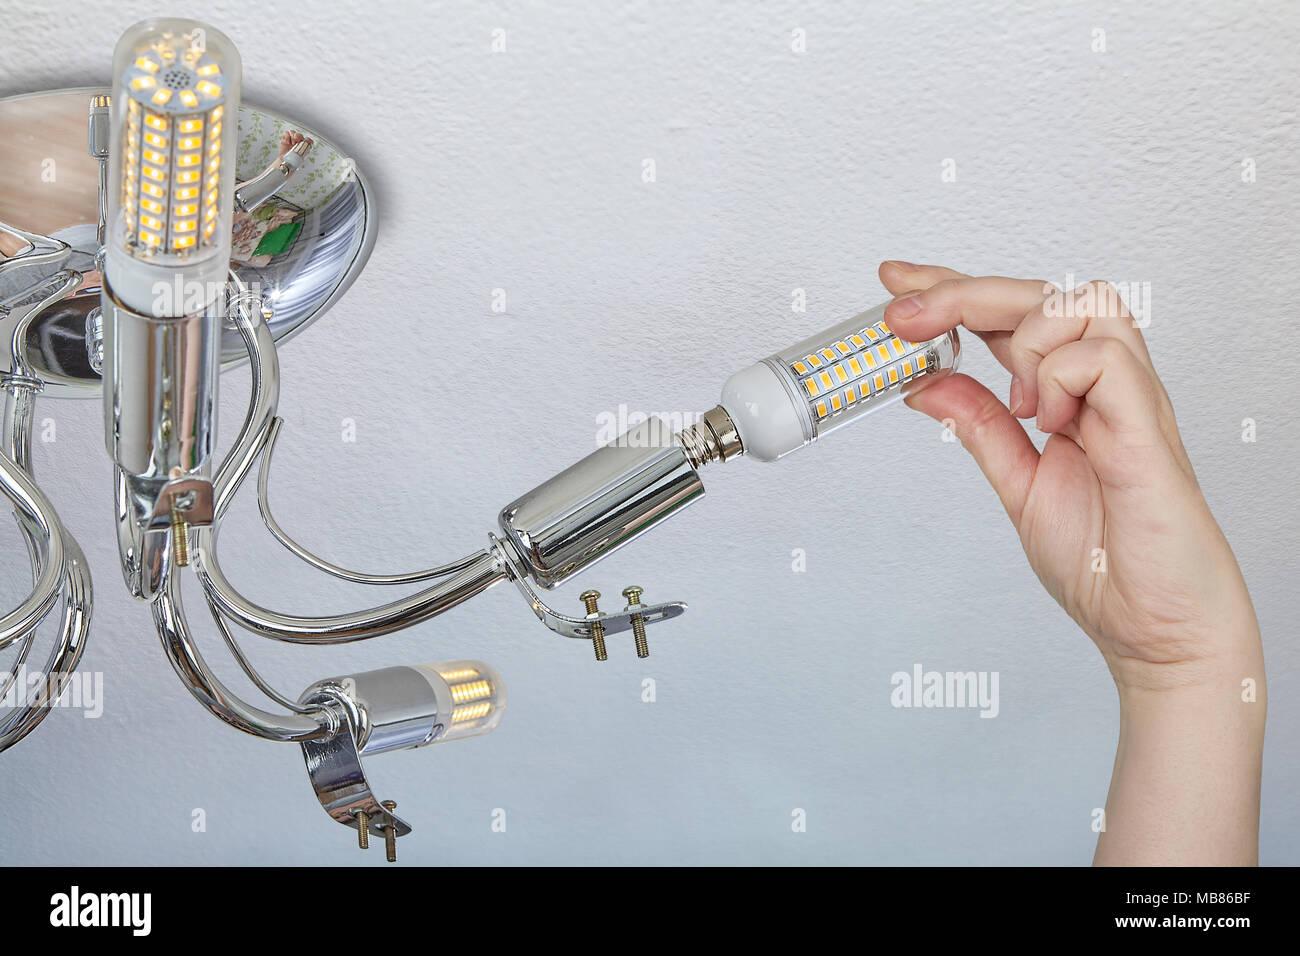 Kronleuchter Led Lampen ~ Einstellung der haushalt led lampen mais typ in der lampenfassung